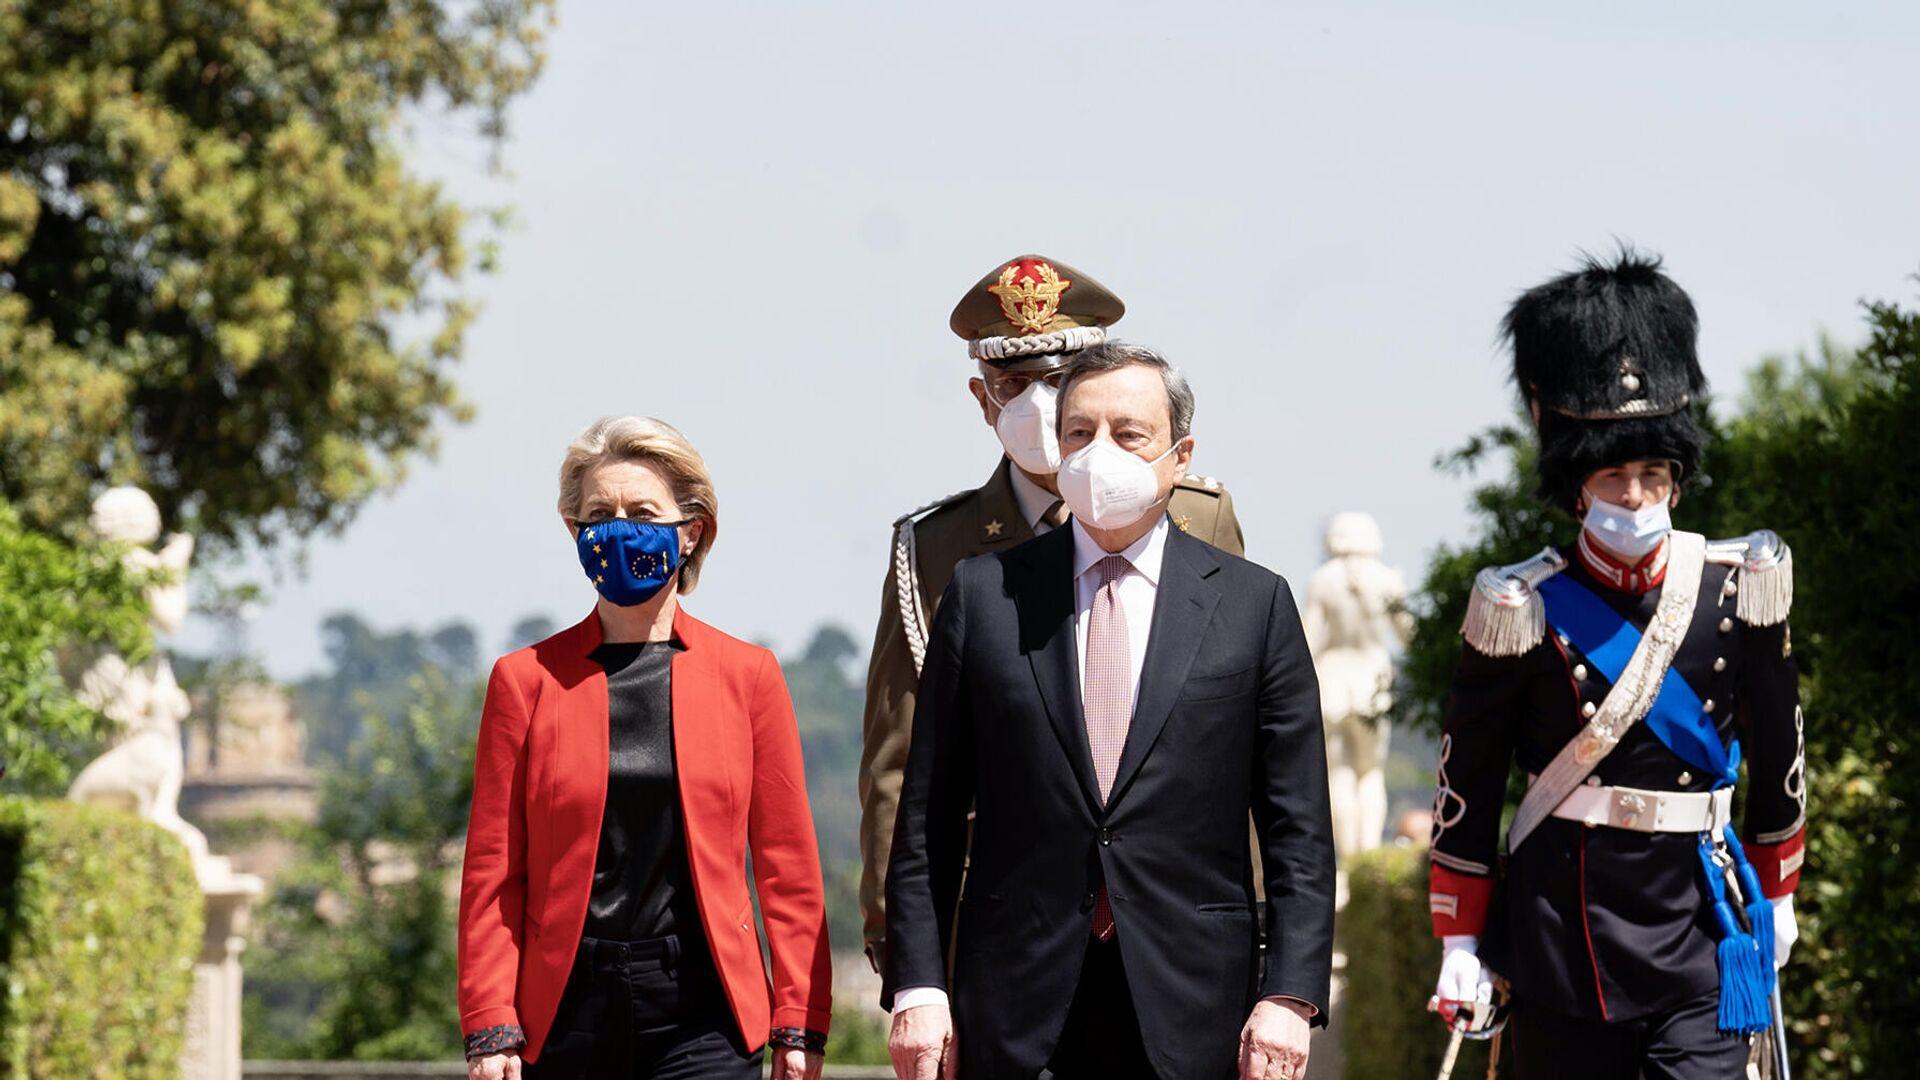 Il Presidente del Consiglio, Mario Draghi, accoglie a Villa Pamphilj la Presidente della Commissione Europea Ursula von der Leyen in occasione del Global Health Summit - Sputnik Italia, 1920, 22.06.2021